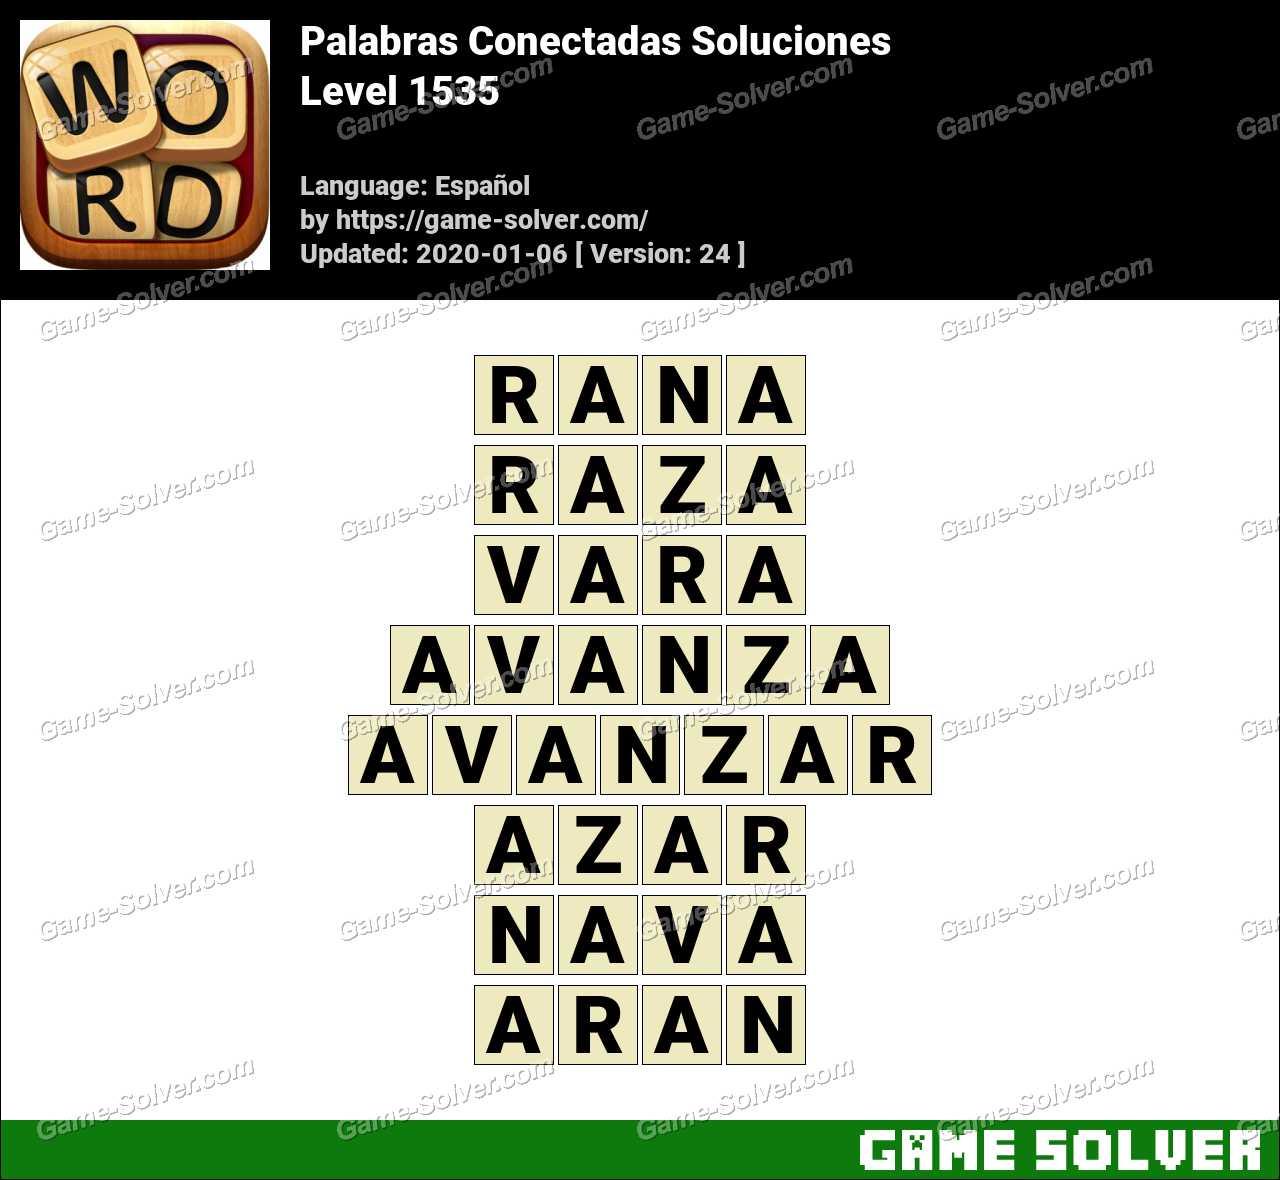 Palabras Conectadas Nivel 1535 Soluciones